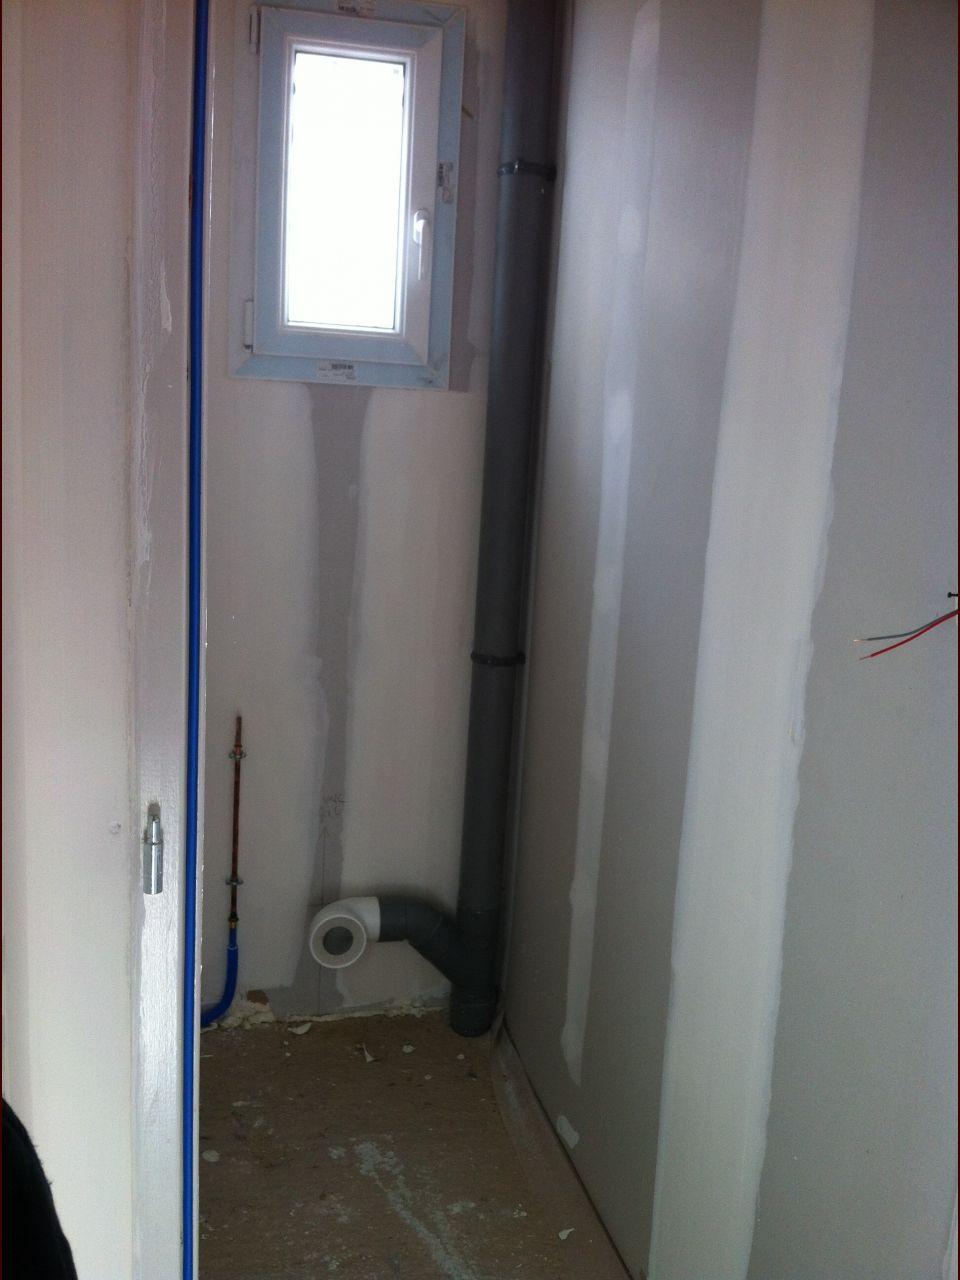 Hauteur Sous Plafond 2M40 ventilation avec aérateur (wc) [résolu] - 11 messages